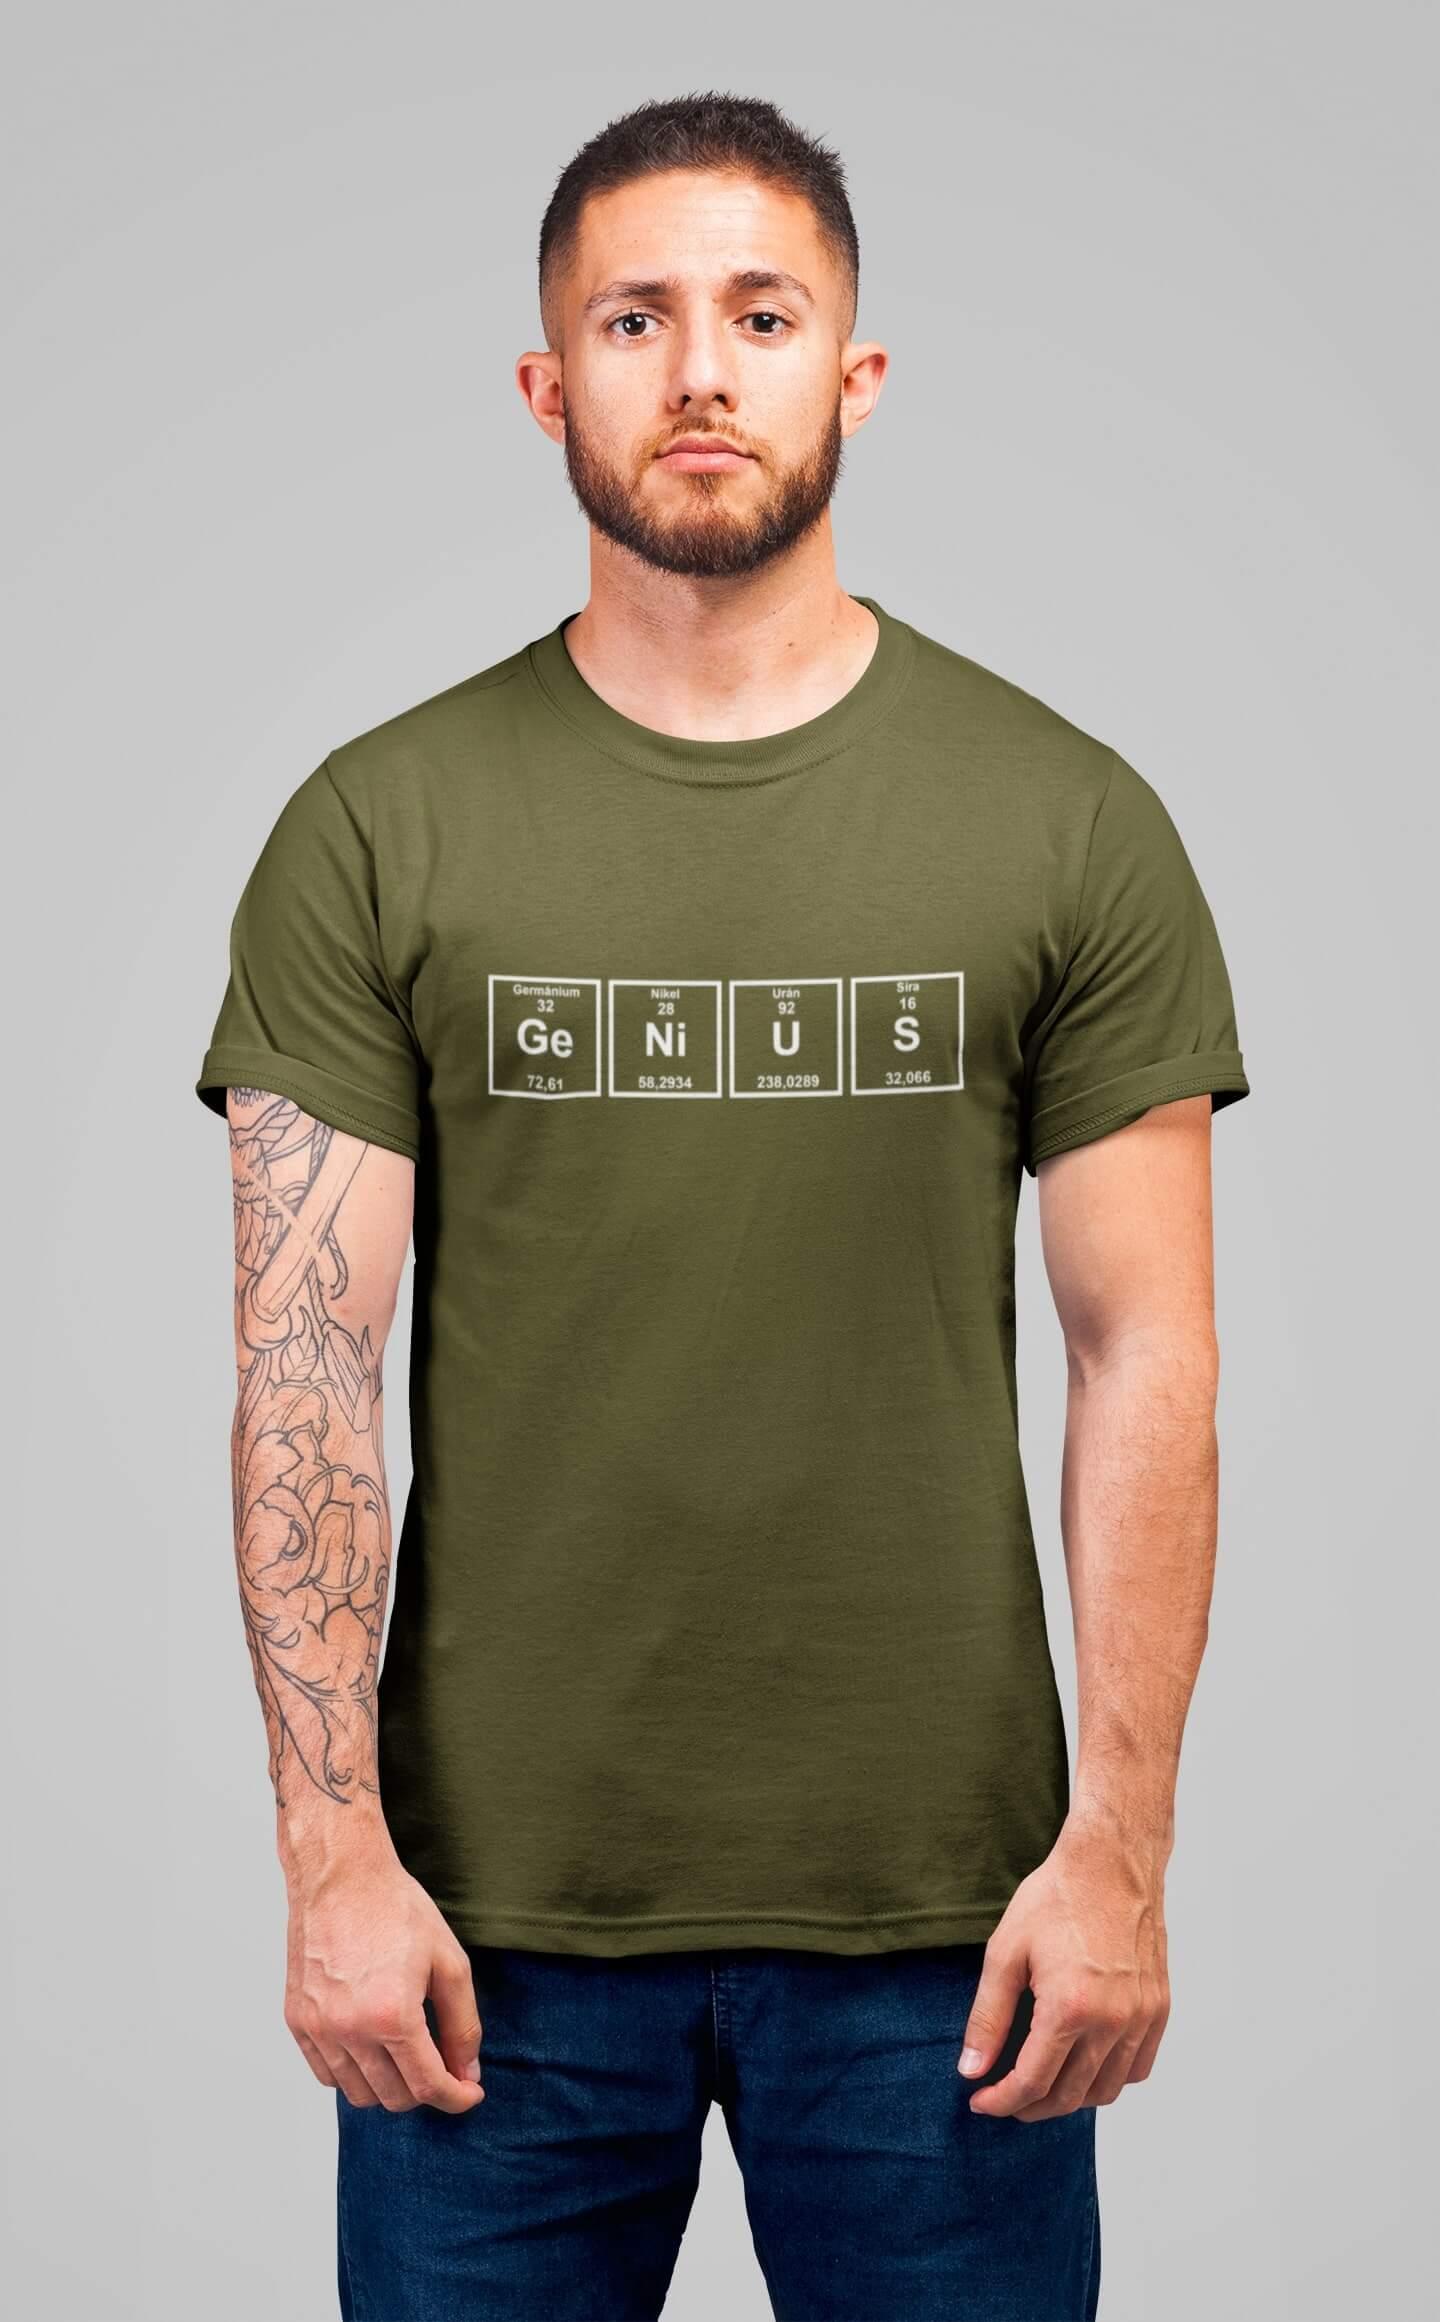 MMO Pánske tričko Genius Vyberte farbu: Khaki, Vyberte veľkosť: XS